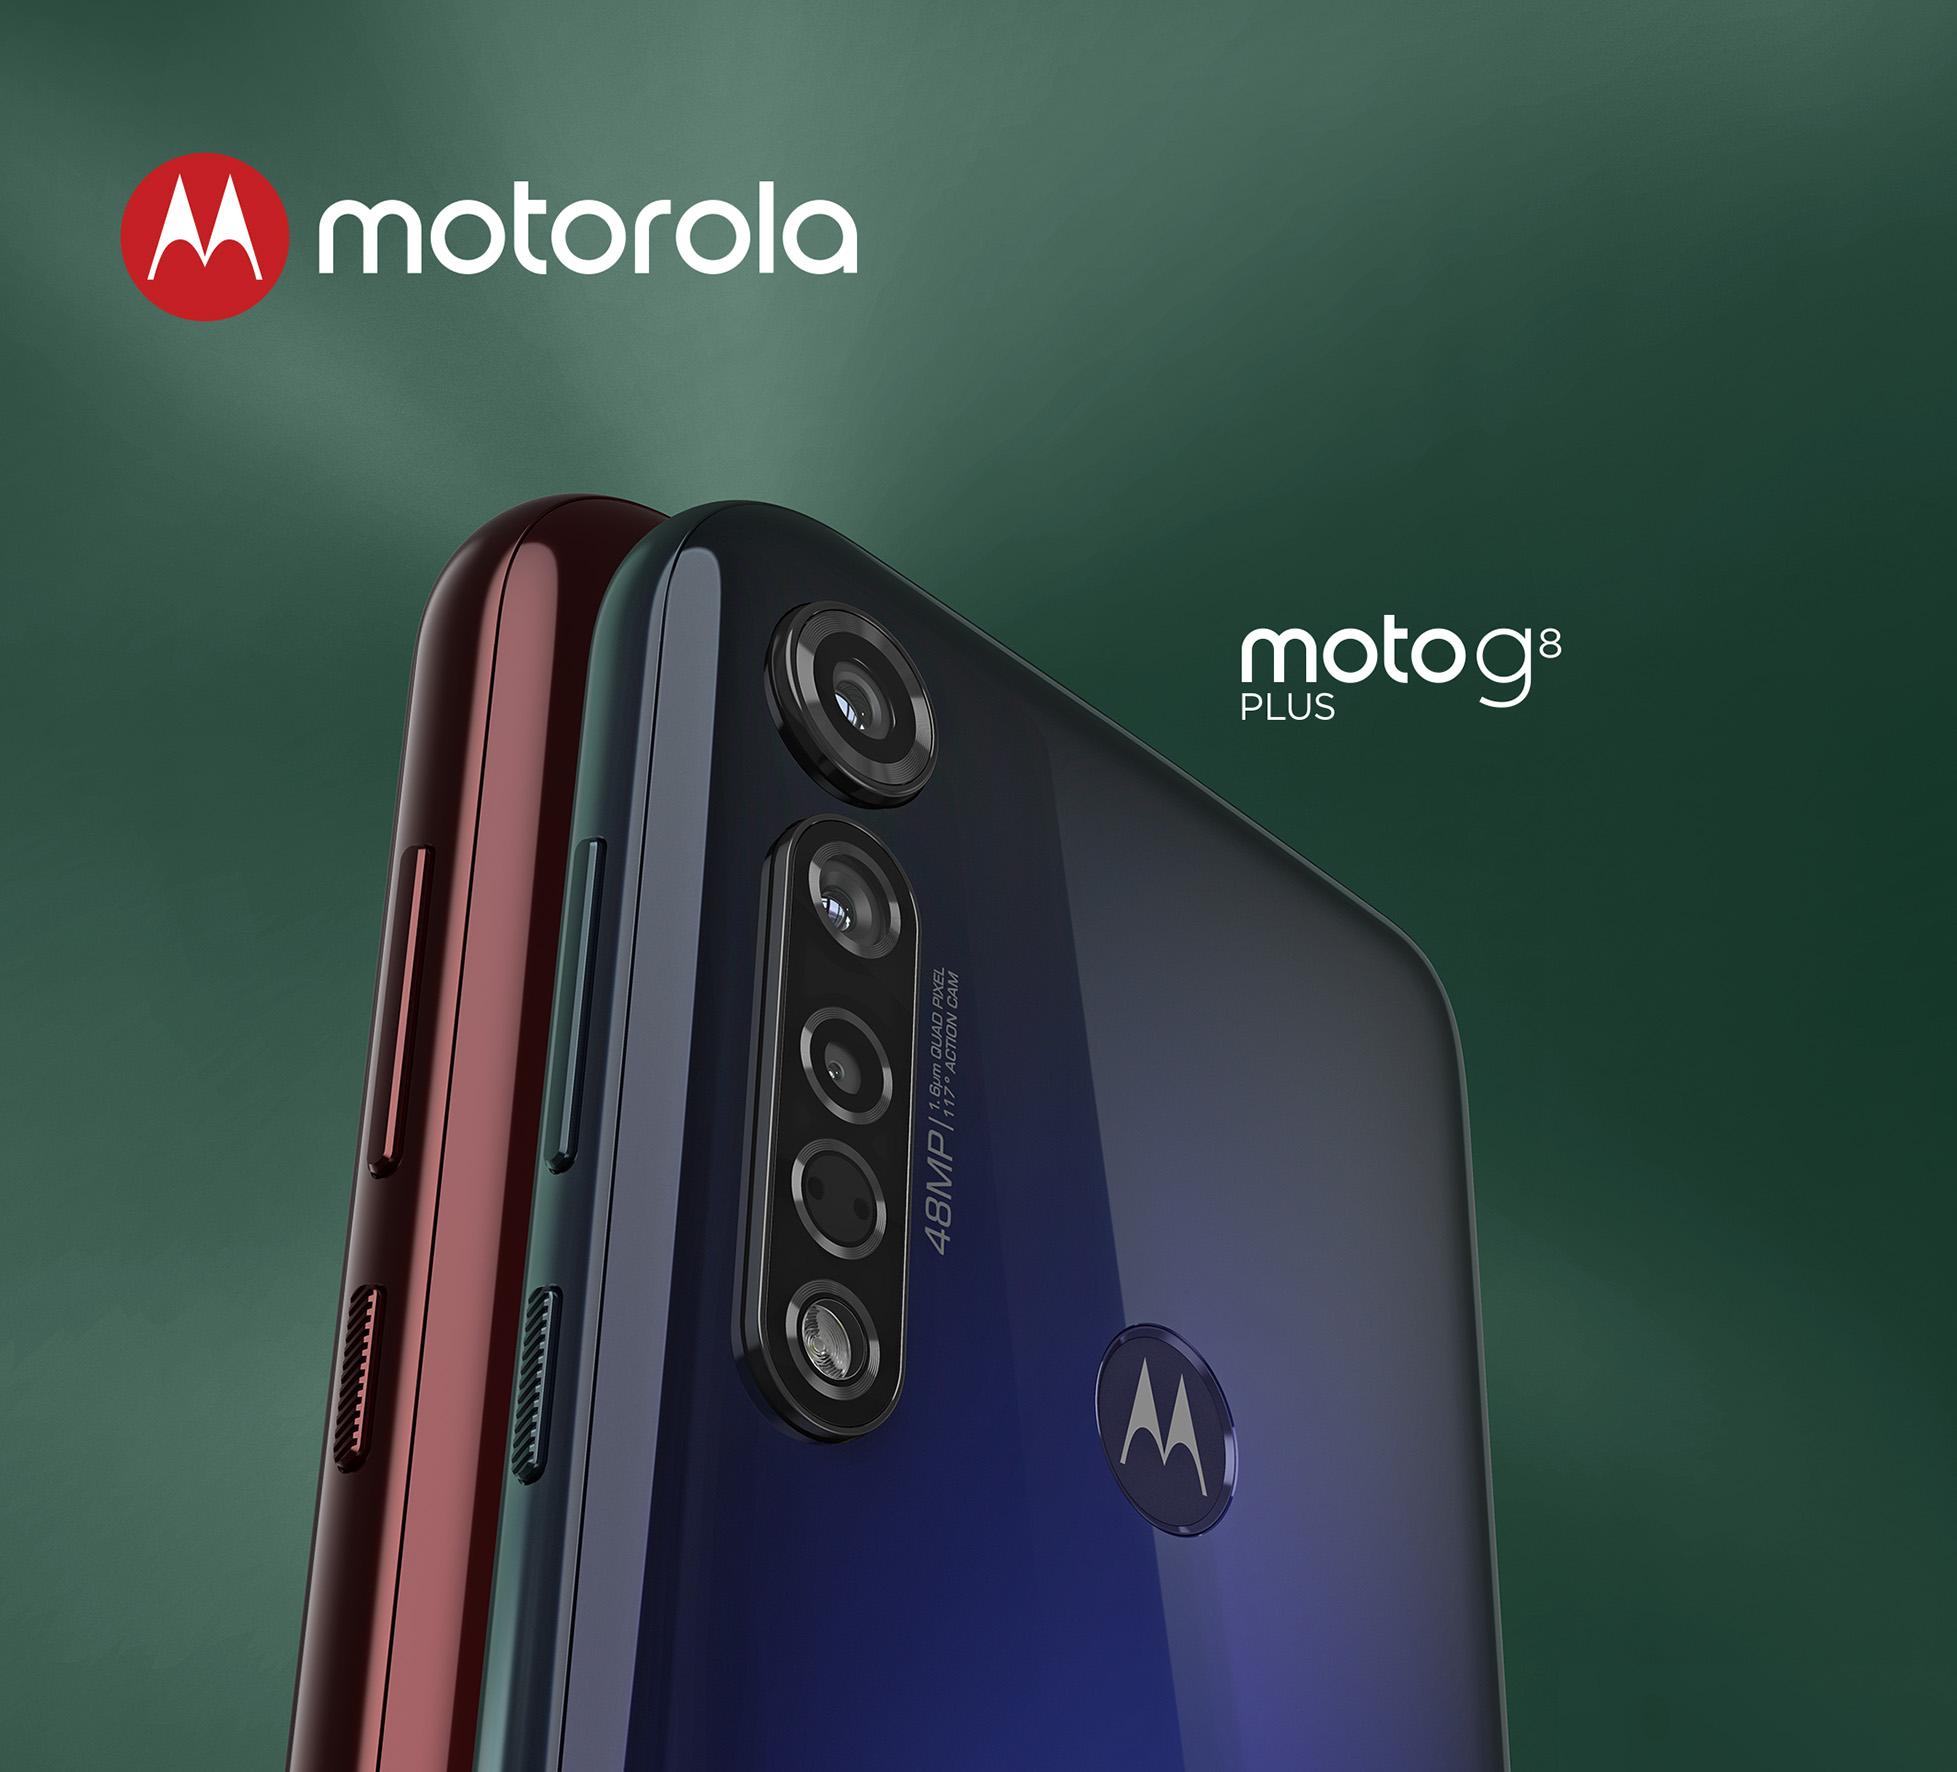 Motorola Moto G8 Plus به روزرسانی Android 10 در ایتالیا را آغاز نمود.